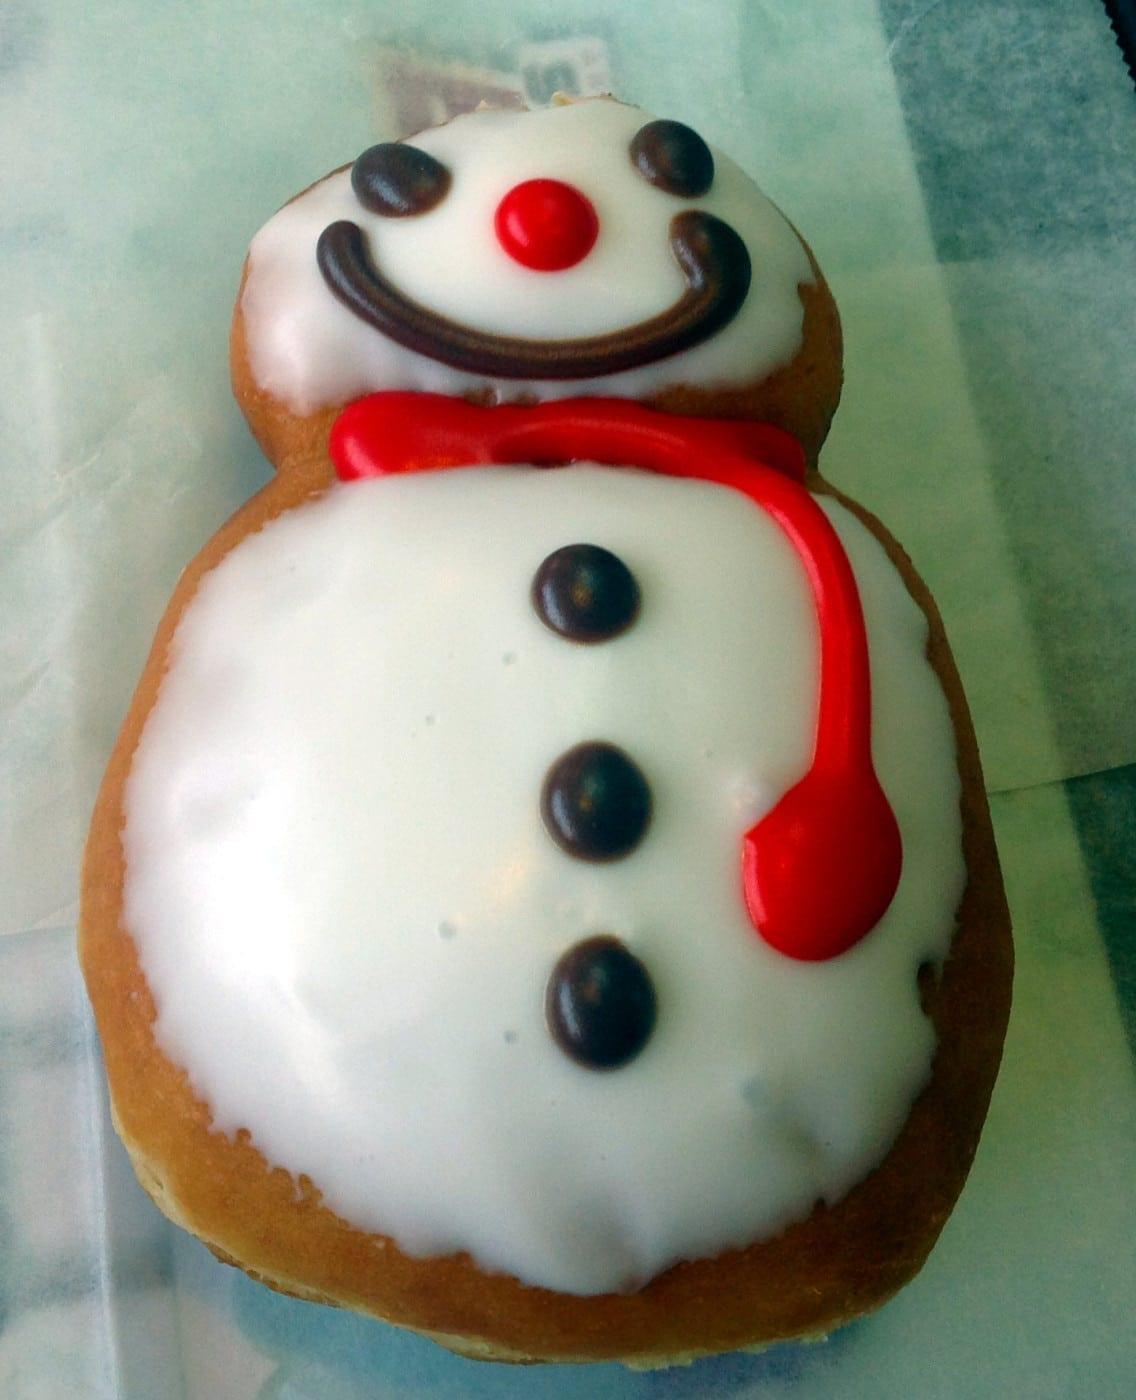 Doughnut Tasting at Krispy Kreme - Snowman